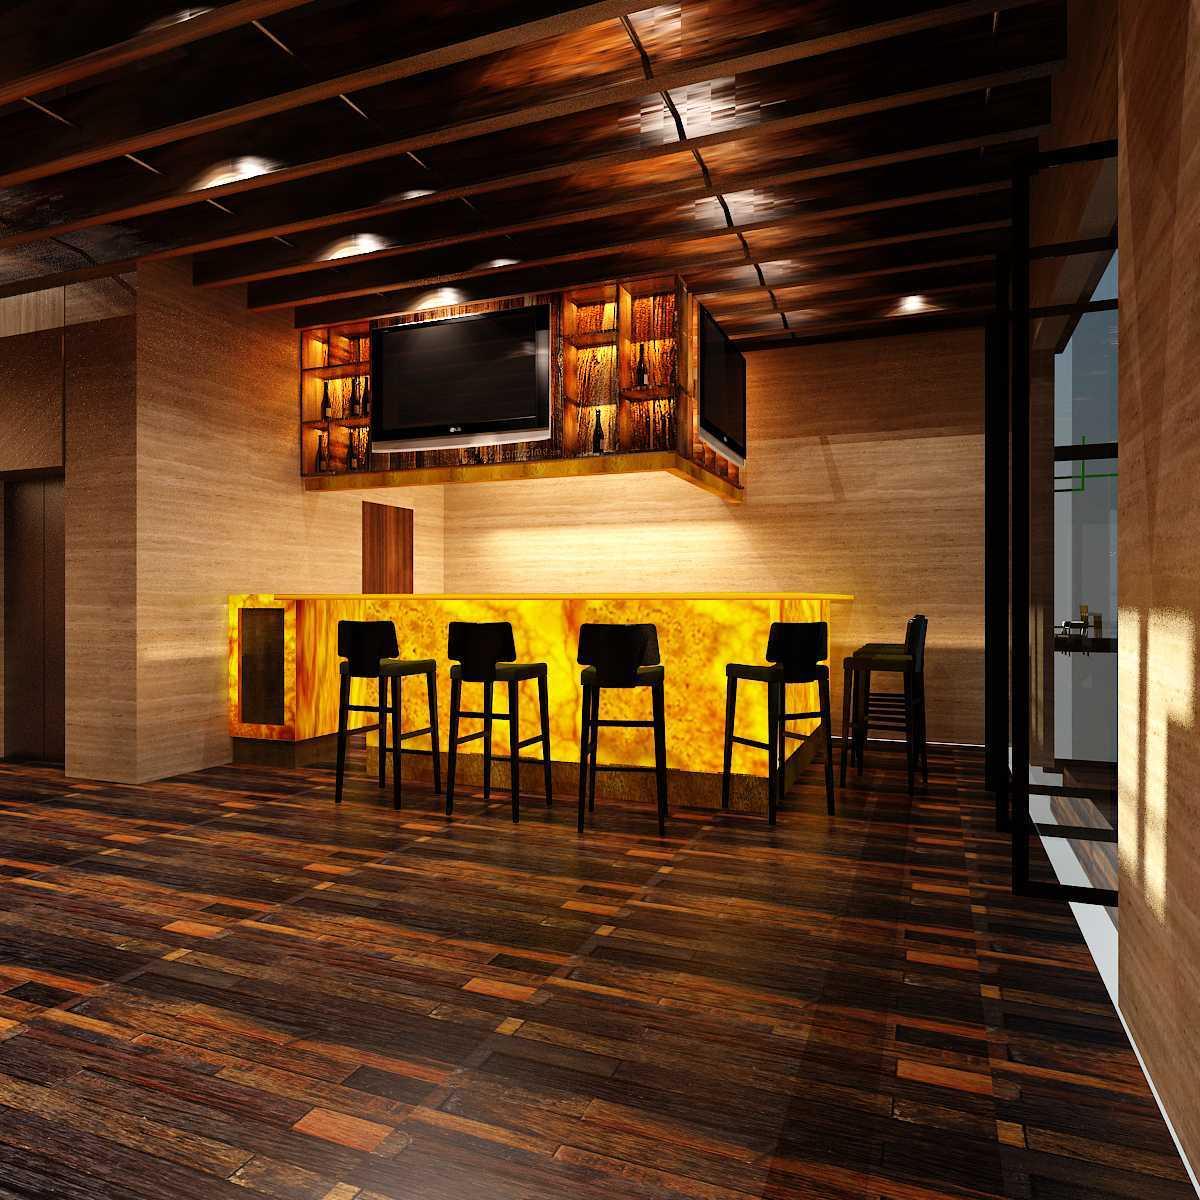 Pt Alradista Desain Indonesia Camar Lounge Pantai Indah Kapuk Pantai Indah Kapuk Bar Area  24233